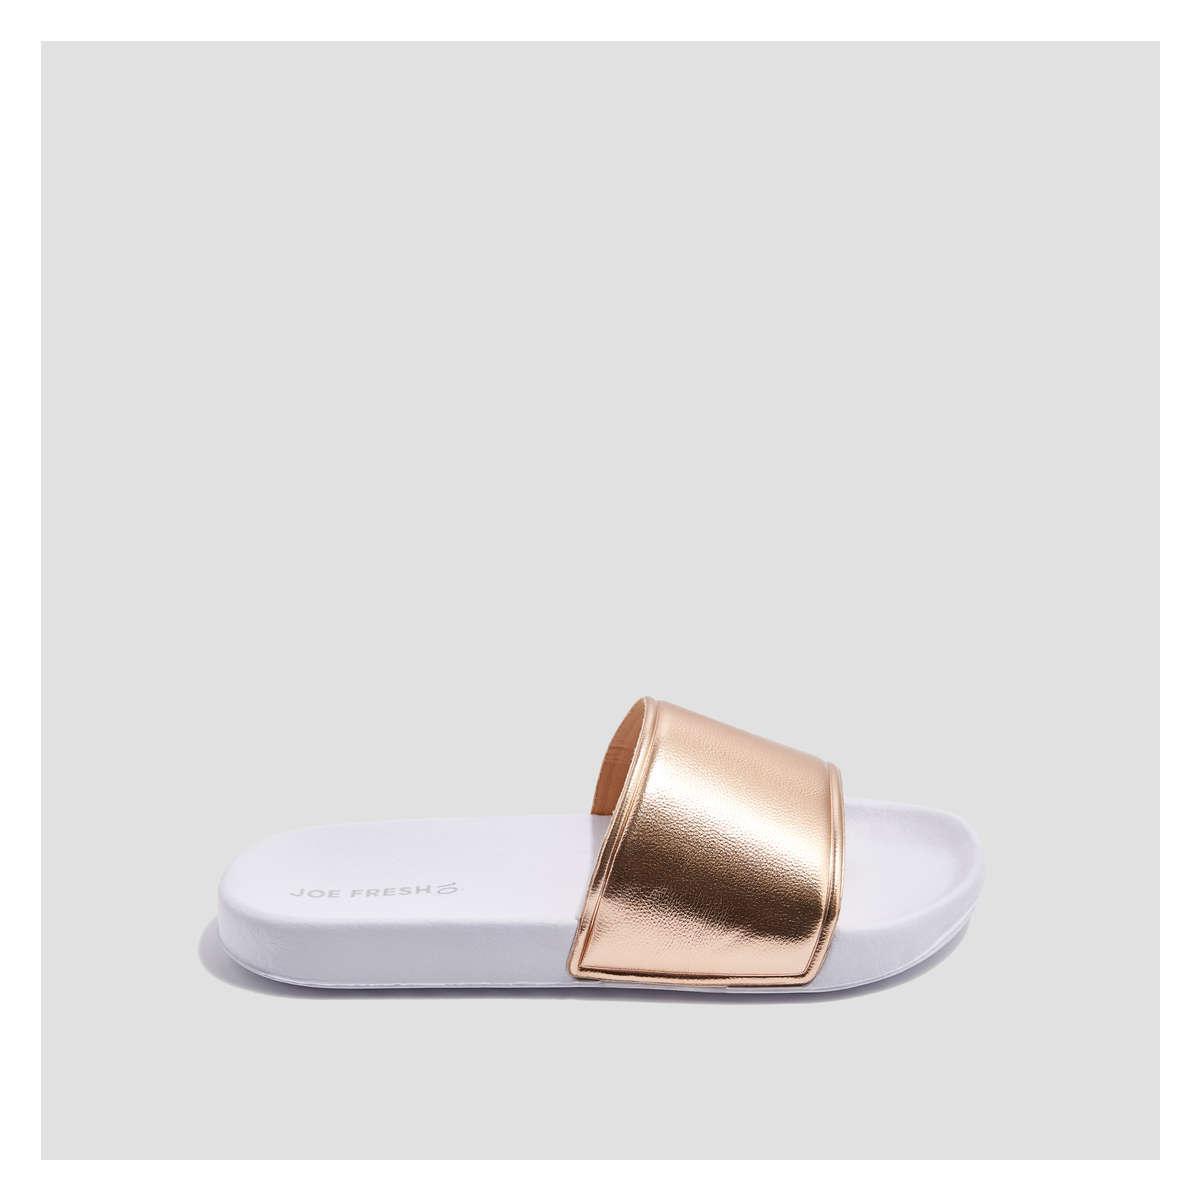 dd7639b3017 Joe Fresh Slides in Pink - Lyst